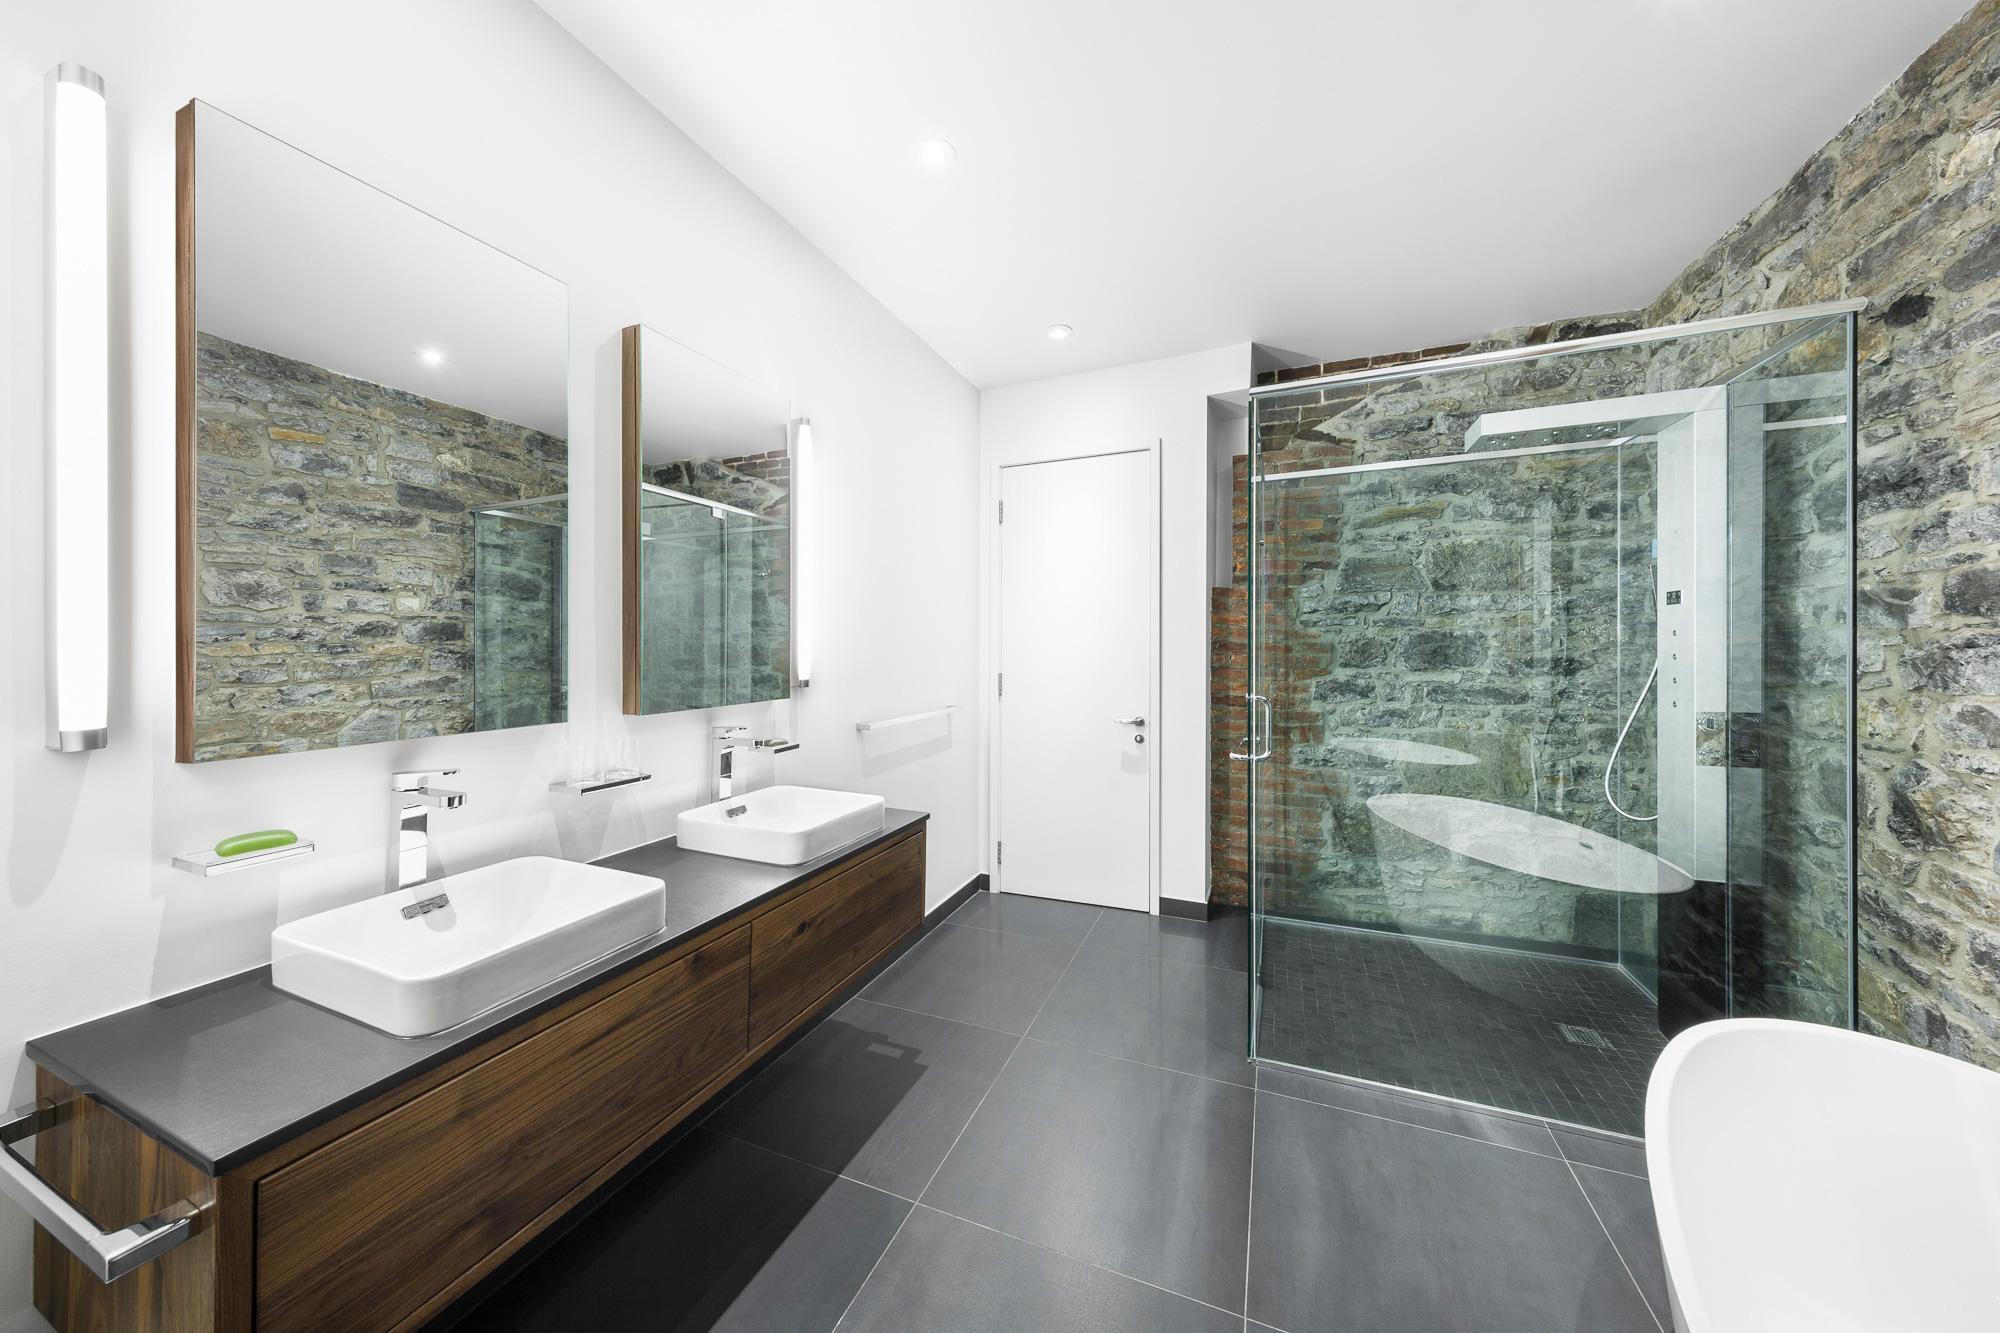 salle de bain mur pierre douche vitrée